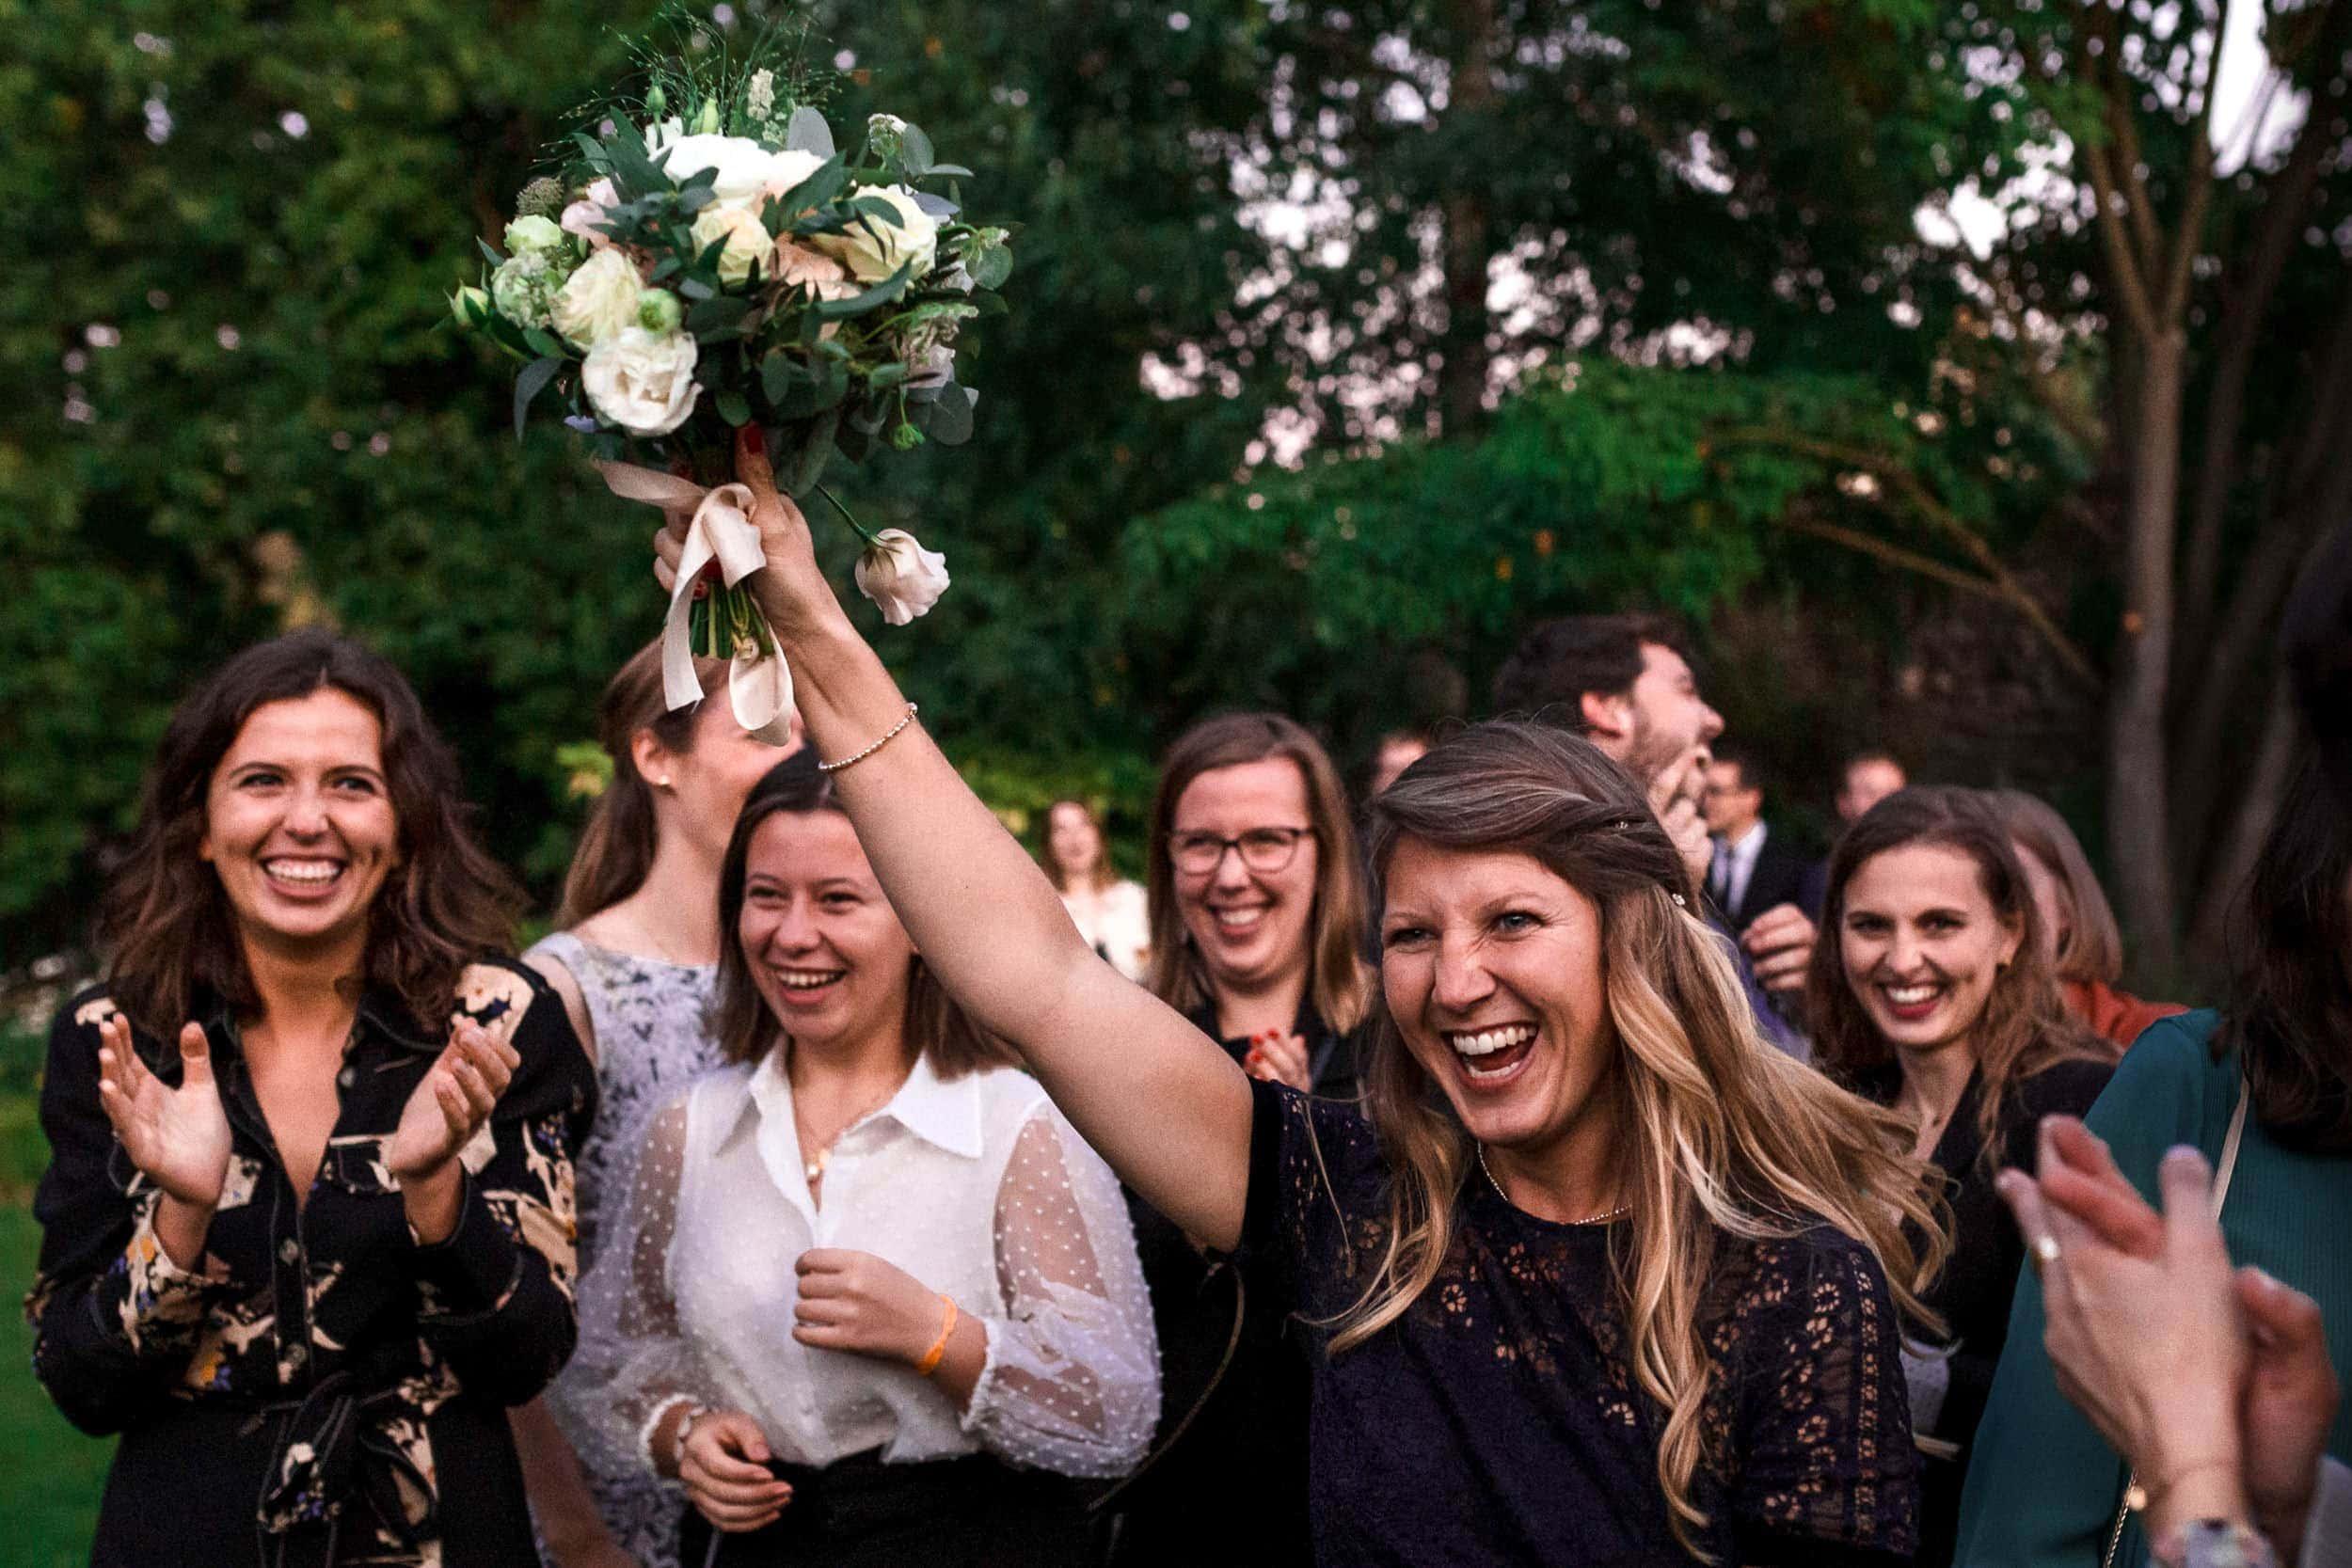 Une invitée attrape le bouquet de la mariée - reportage de mariage au Domaine de Verderonne par Ernestine et sa famille, Marine Poron